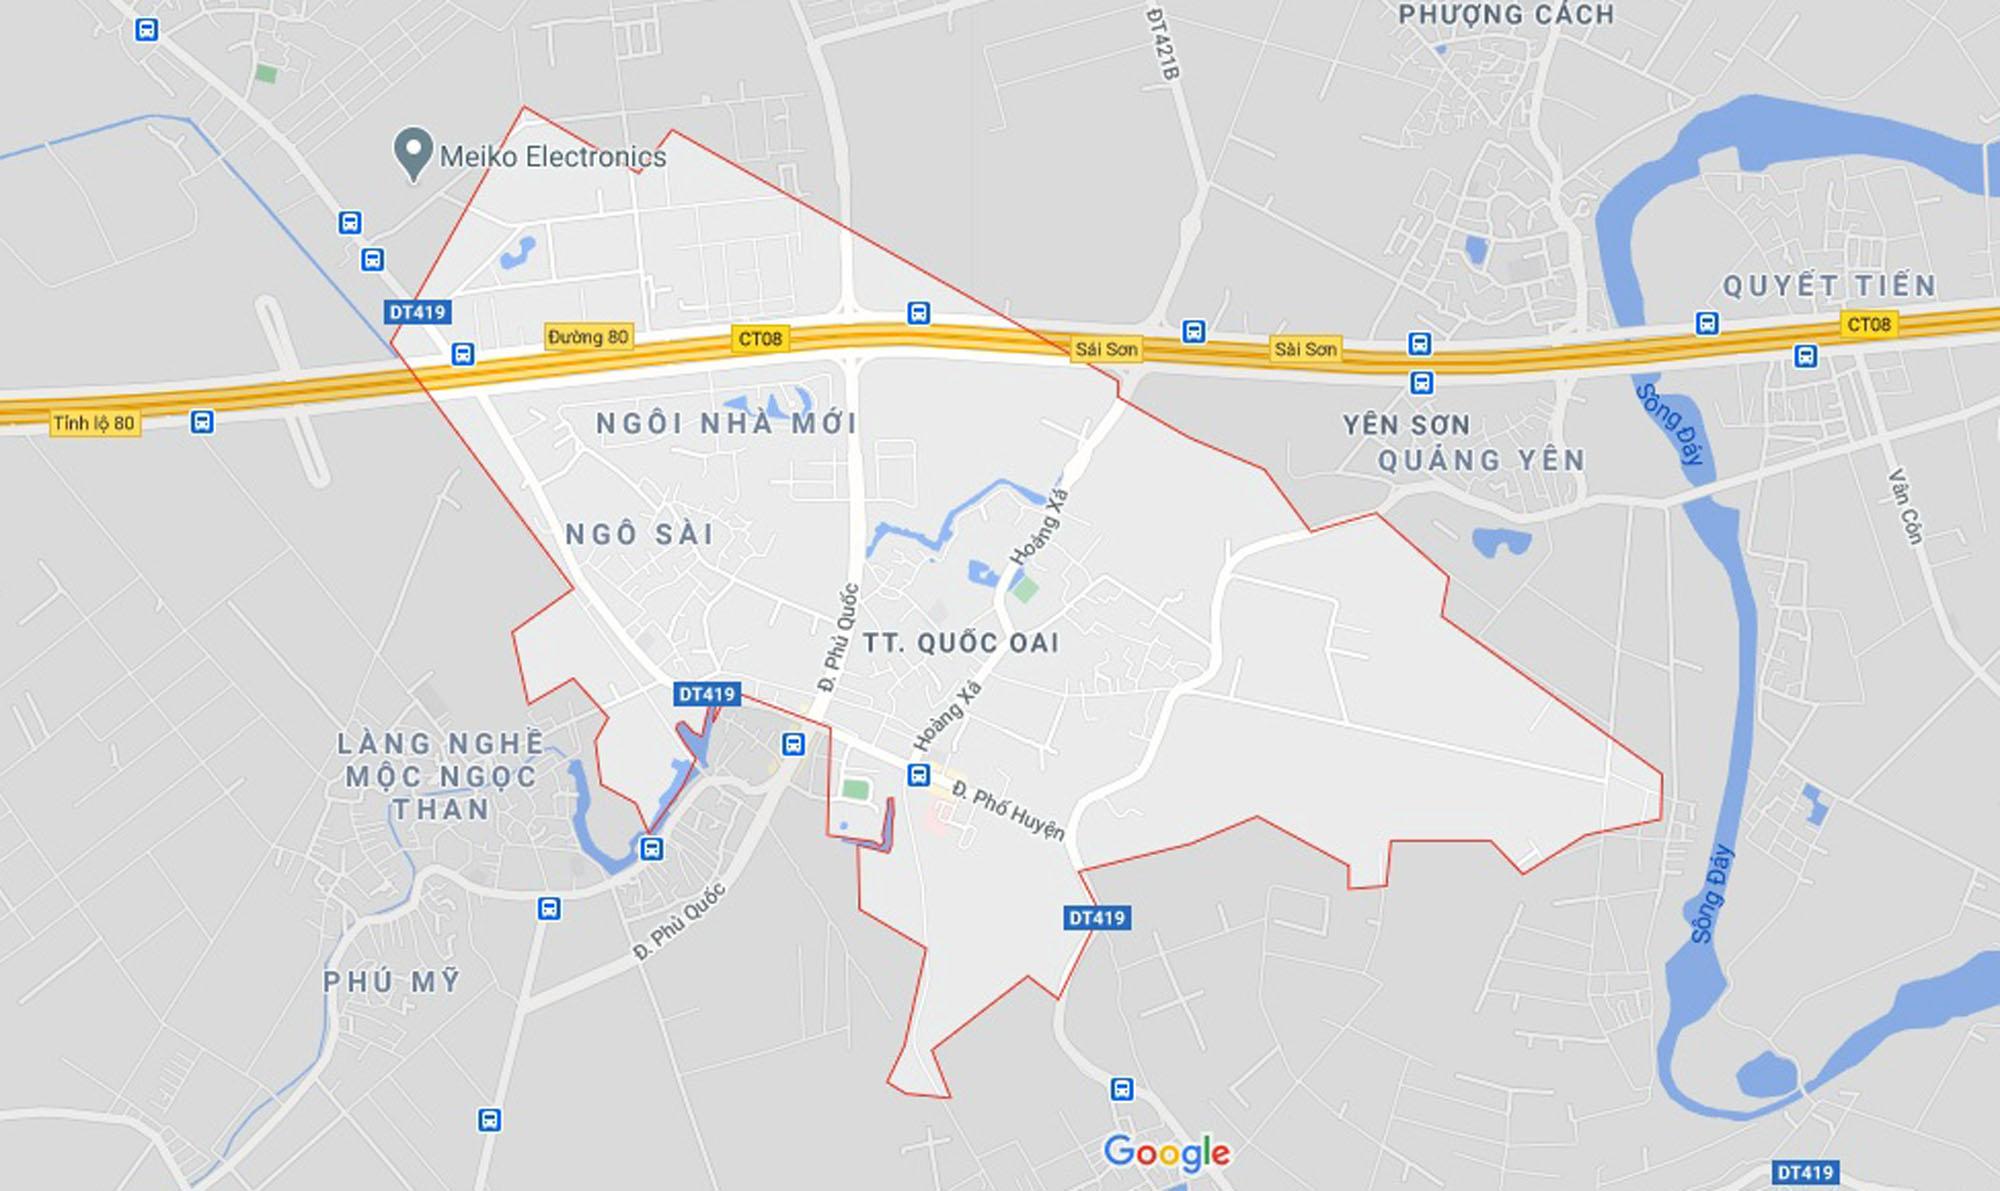 đường sẽ mở theo qui hoạch ở thị trấn Quốc Oai, Quốc Oai, Hà Nội - Ảnh 1.